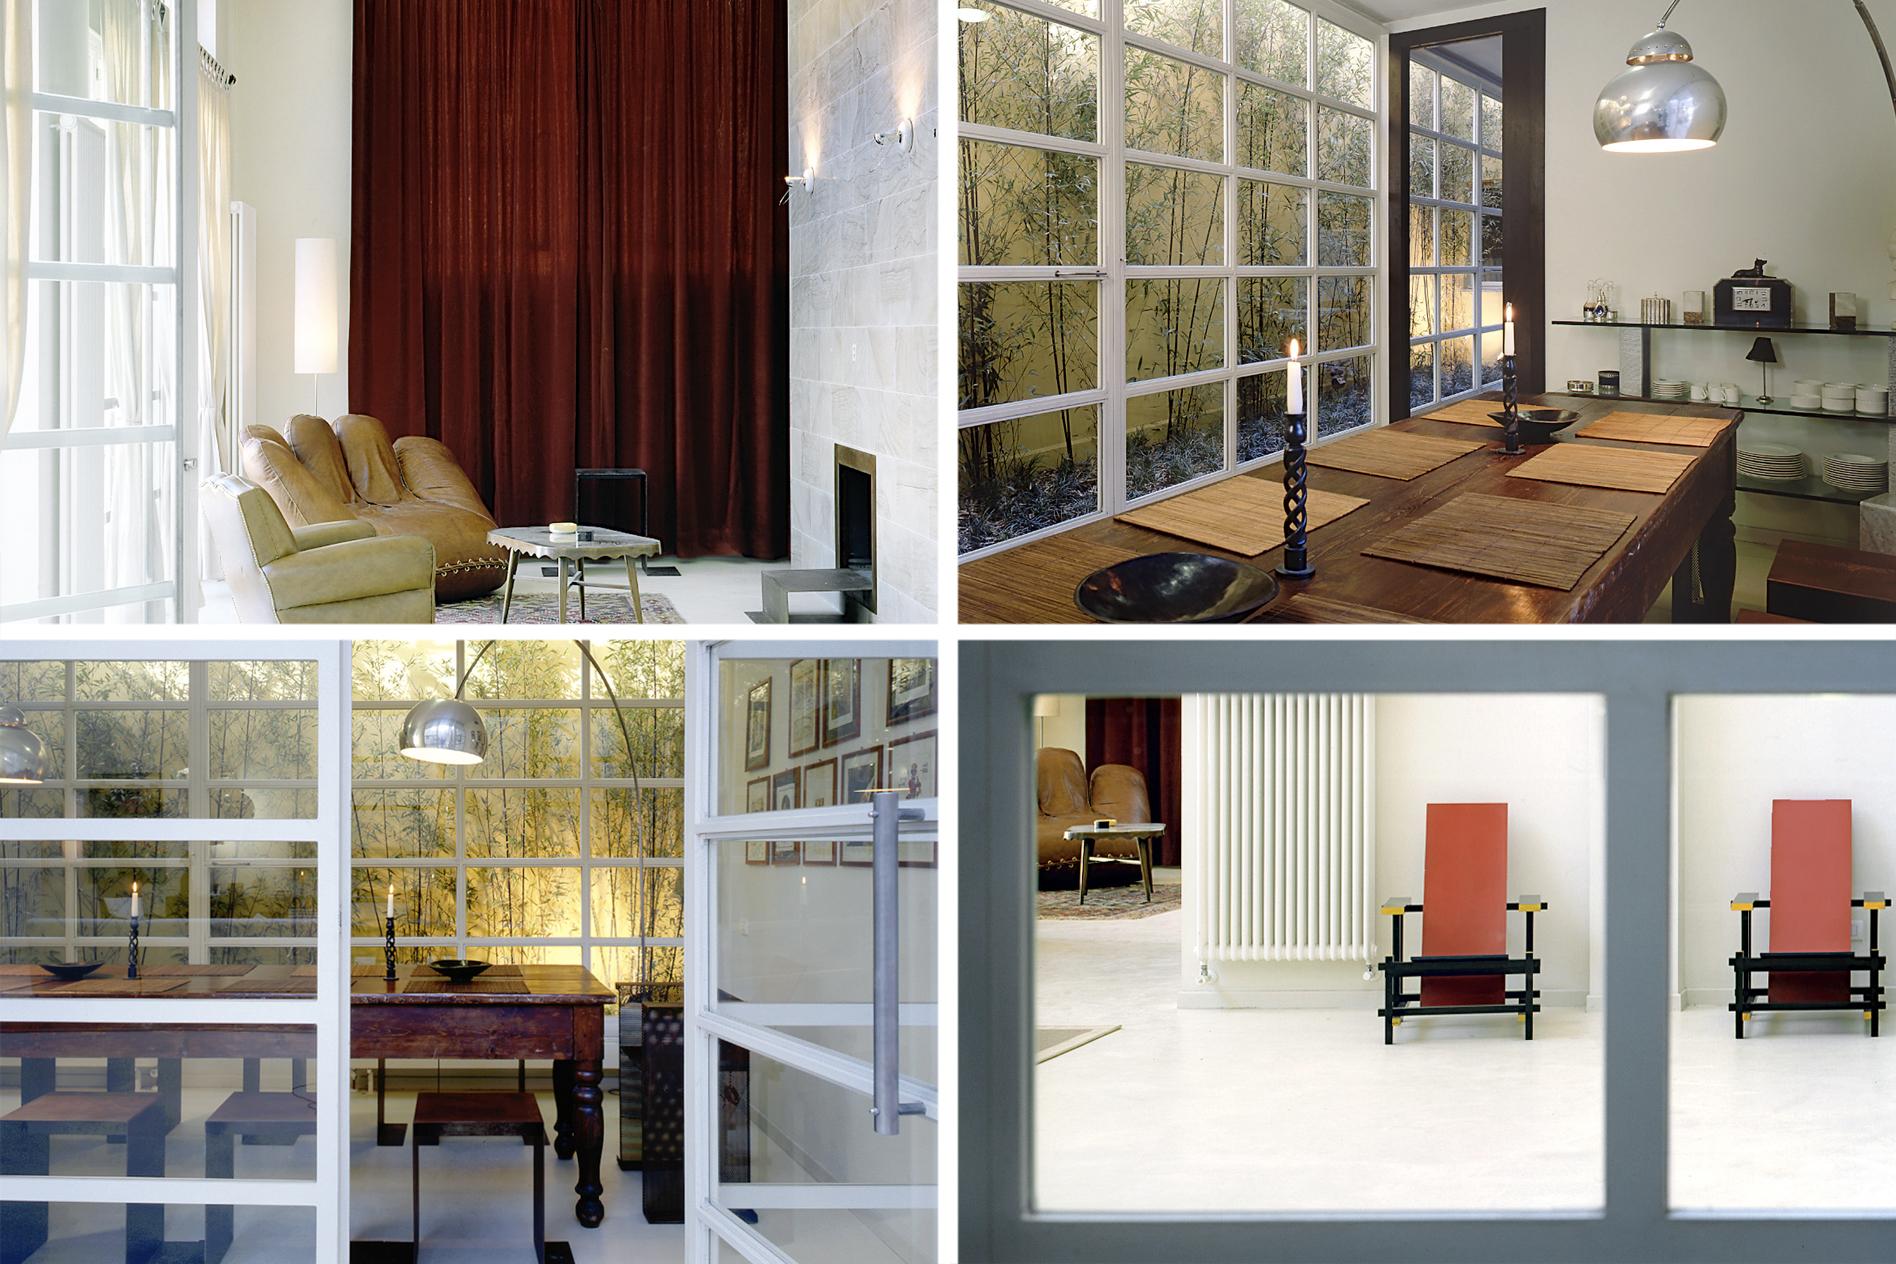 Interiors08